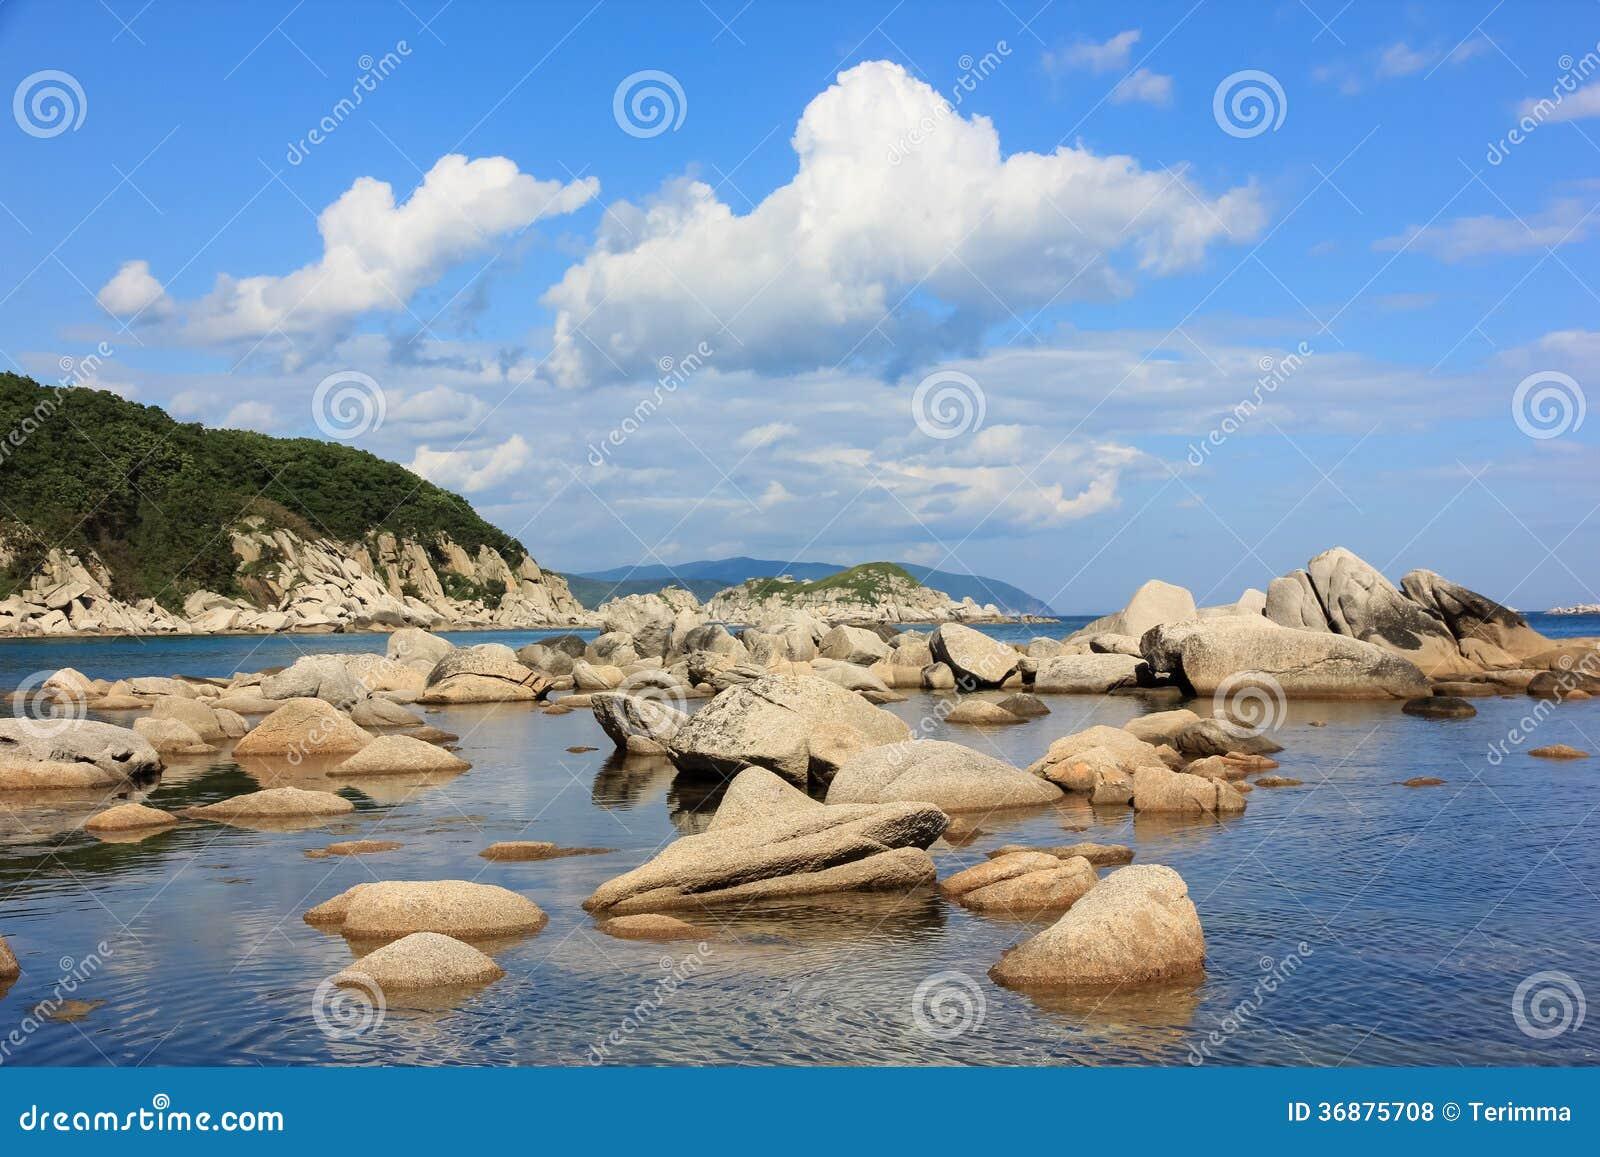 Download Rocce in mare fotografia stock. Immagine di mare, corsa - 36875708